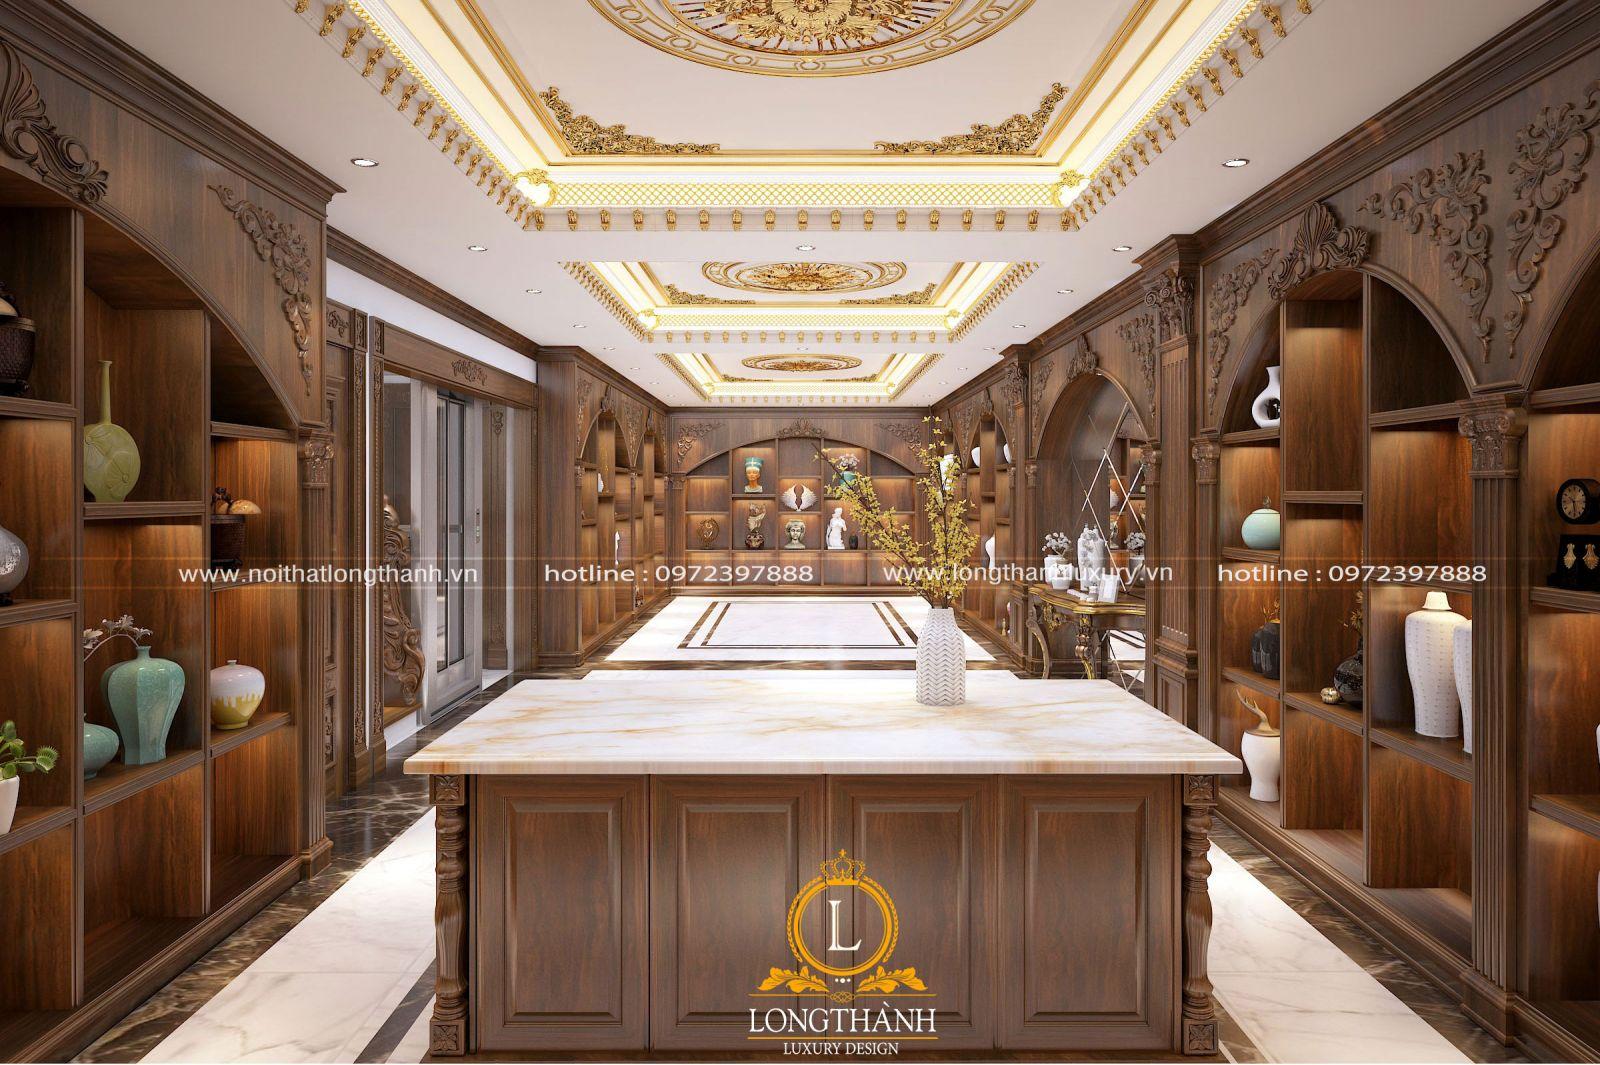 Phòng trưng bày dành cho nhà biệt thự rộng